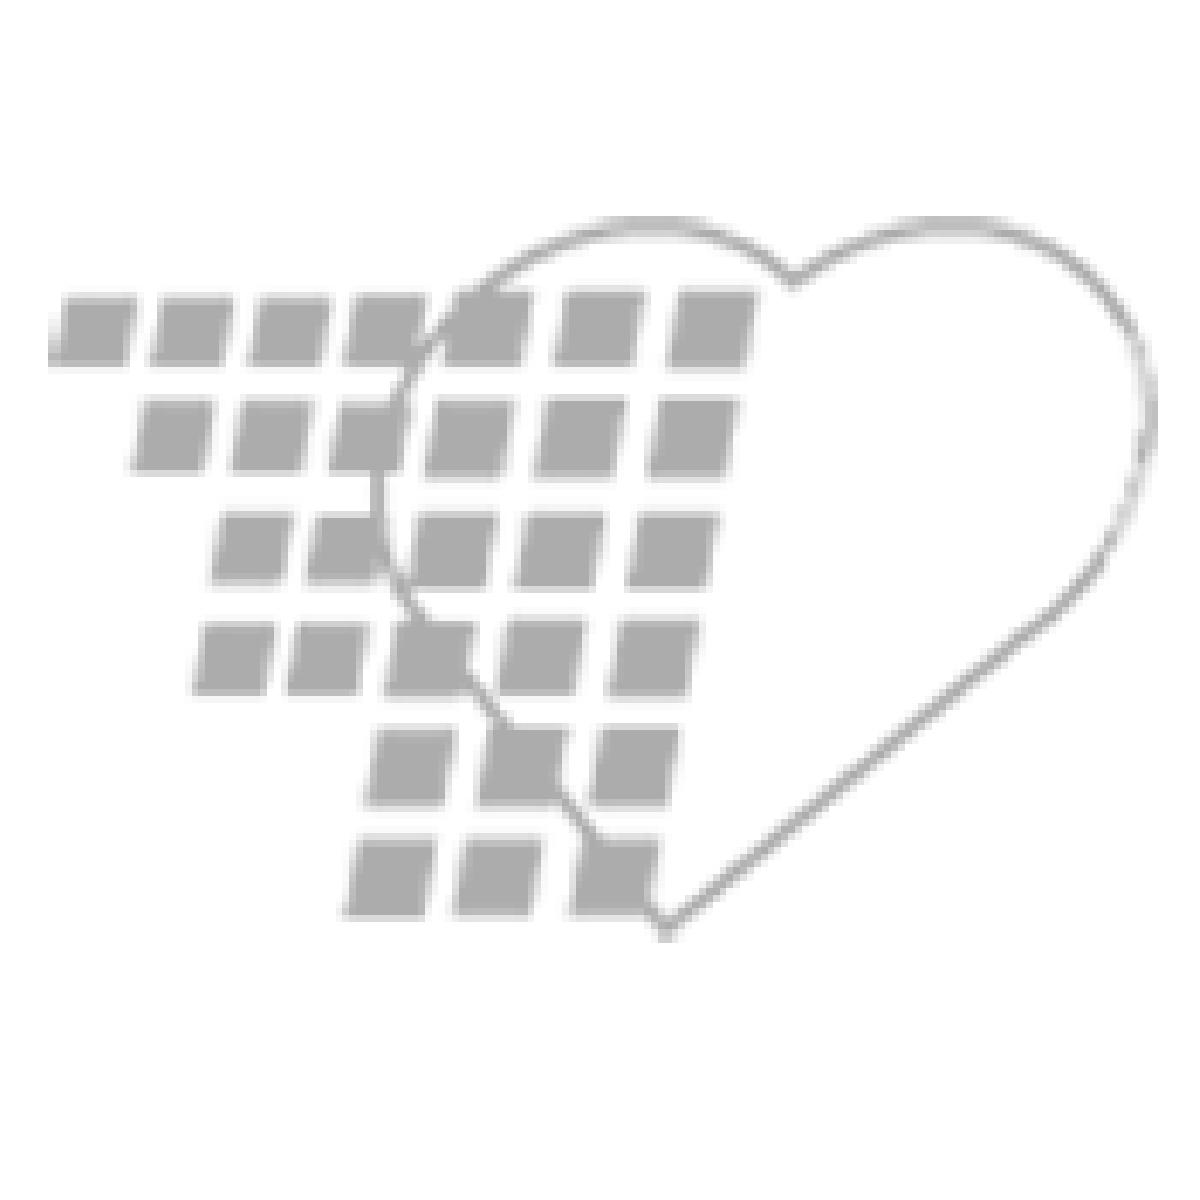 02-38-5006 - Assure® Platinum Dose Control Solution